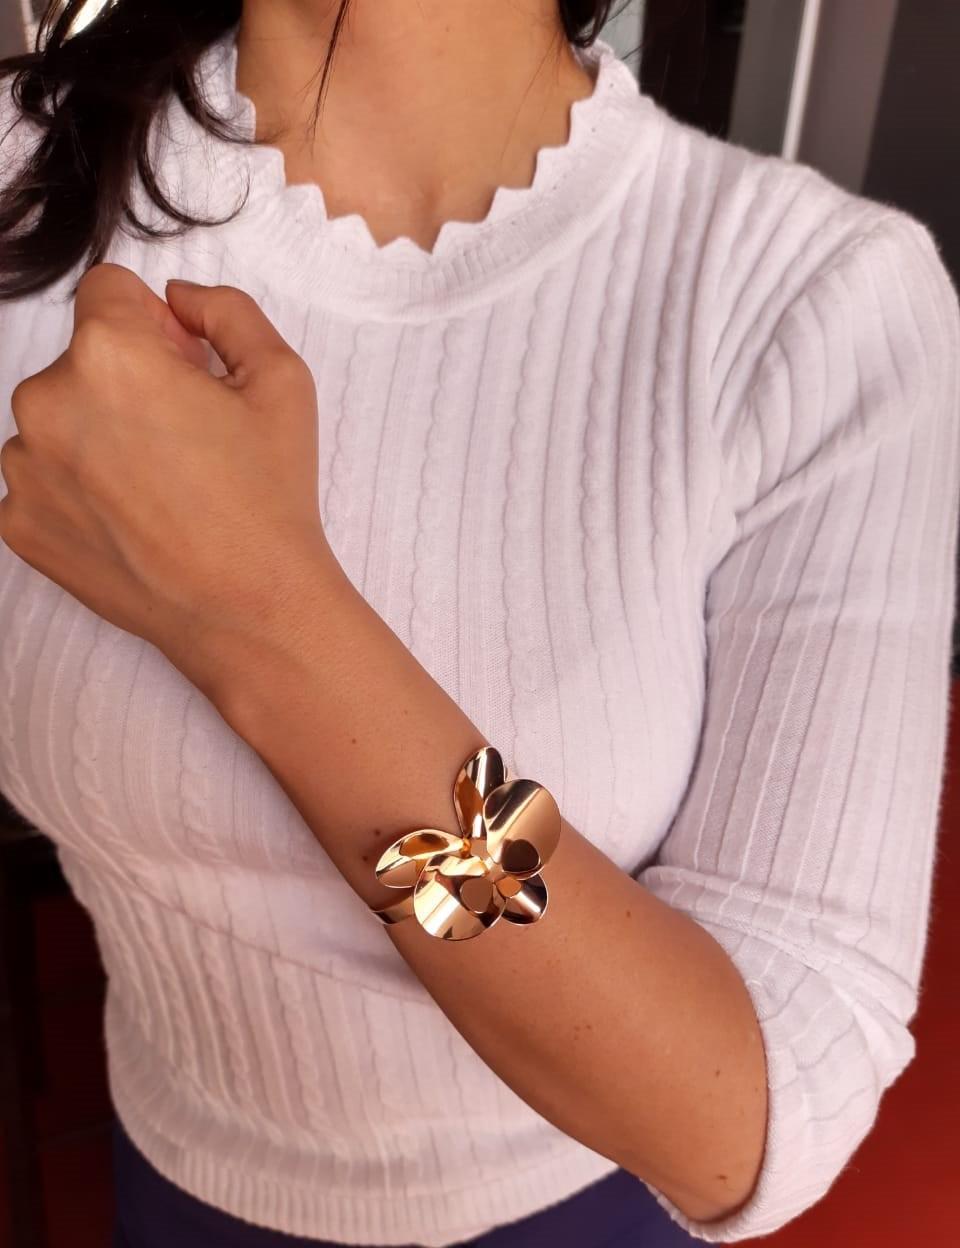 Bracelete de flor orquídea banhado a ouro-18k